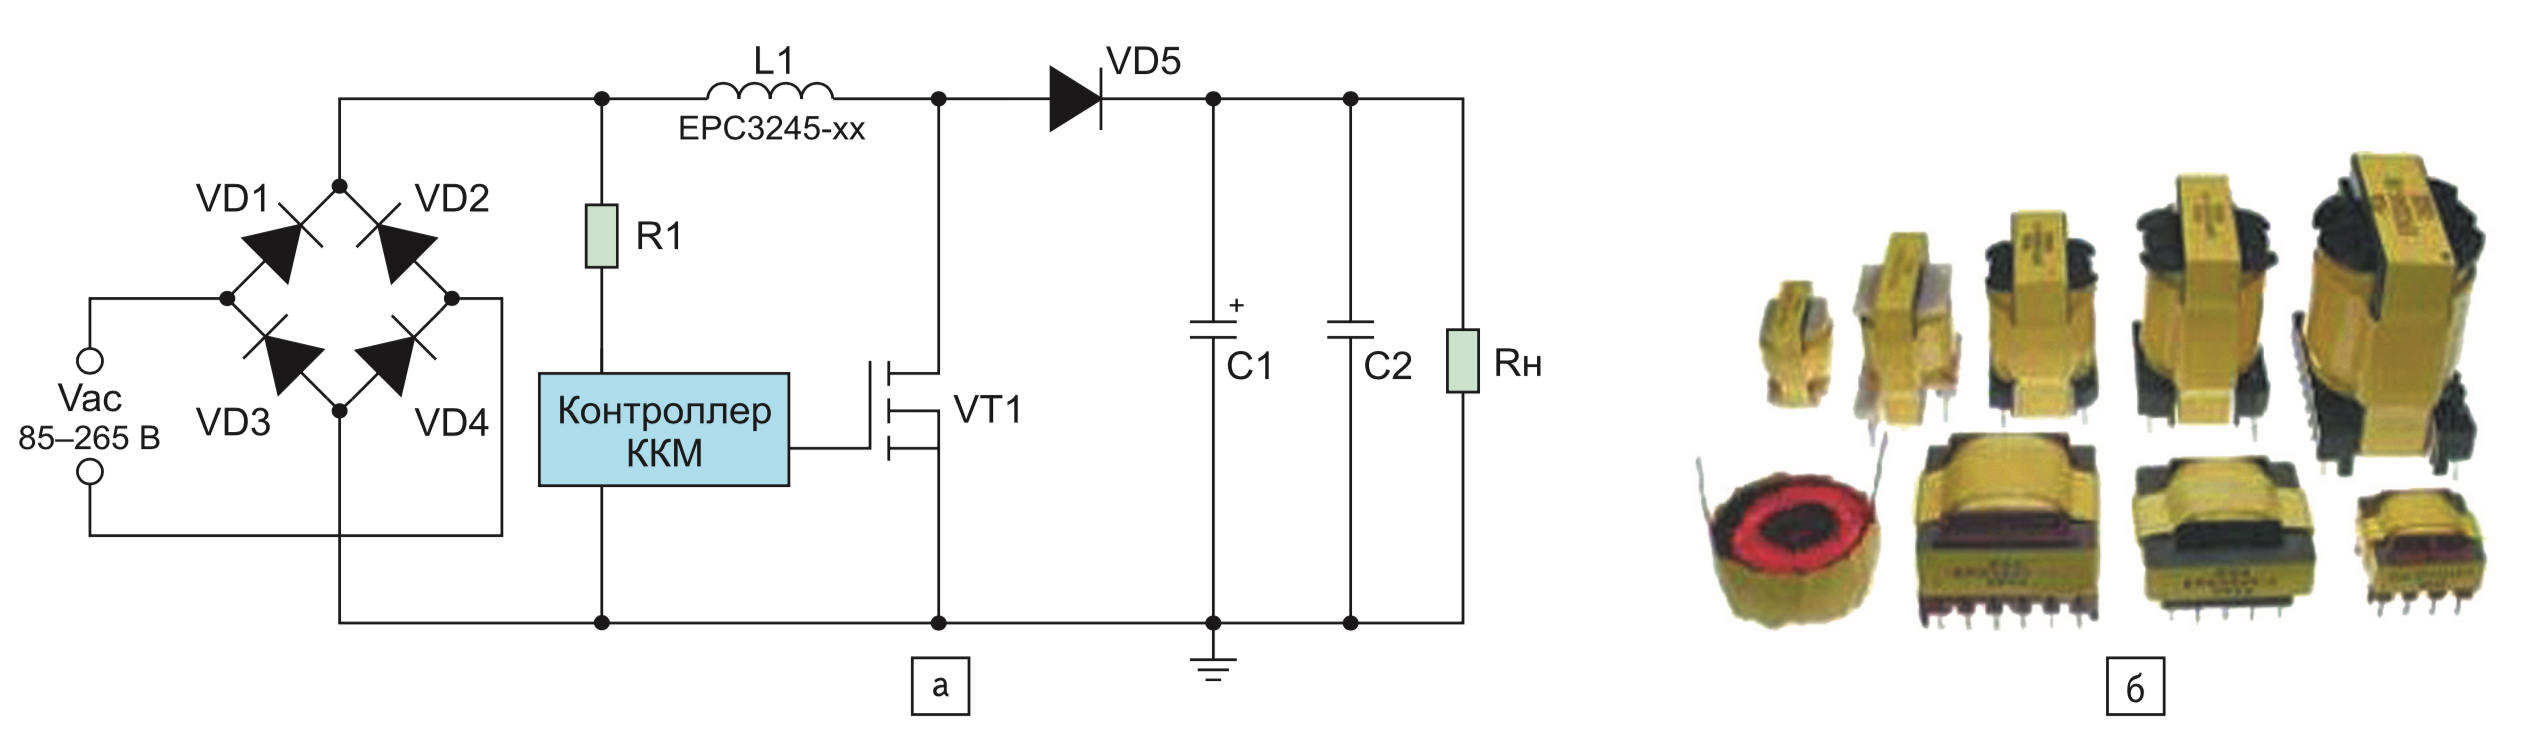 Силовые катушки индуктивности компании PCA Electronics: а) упрощенная типовая схема применения; б) внешний вид